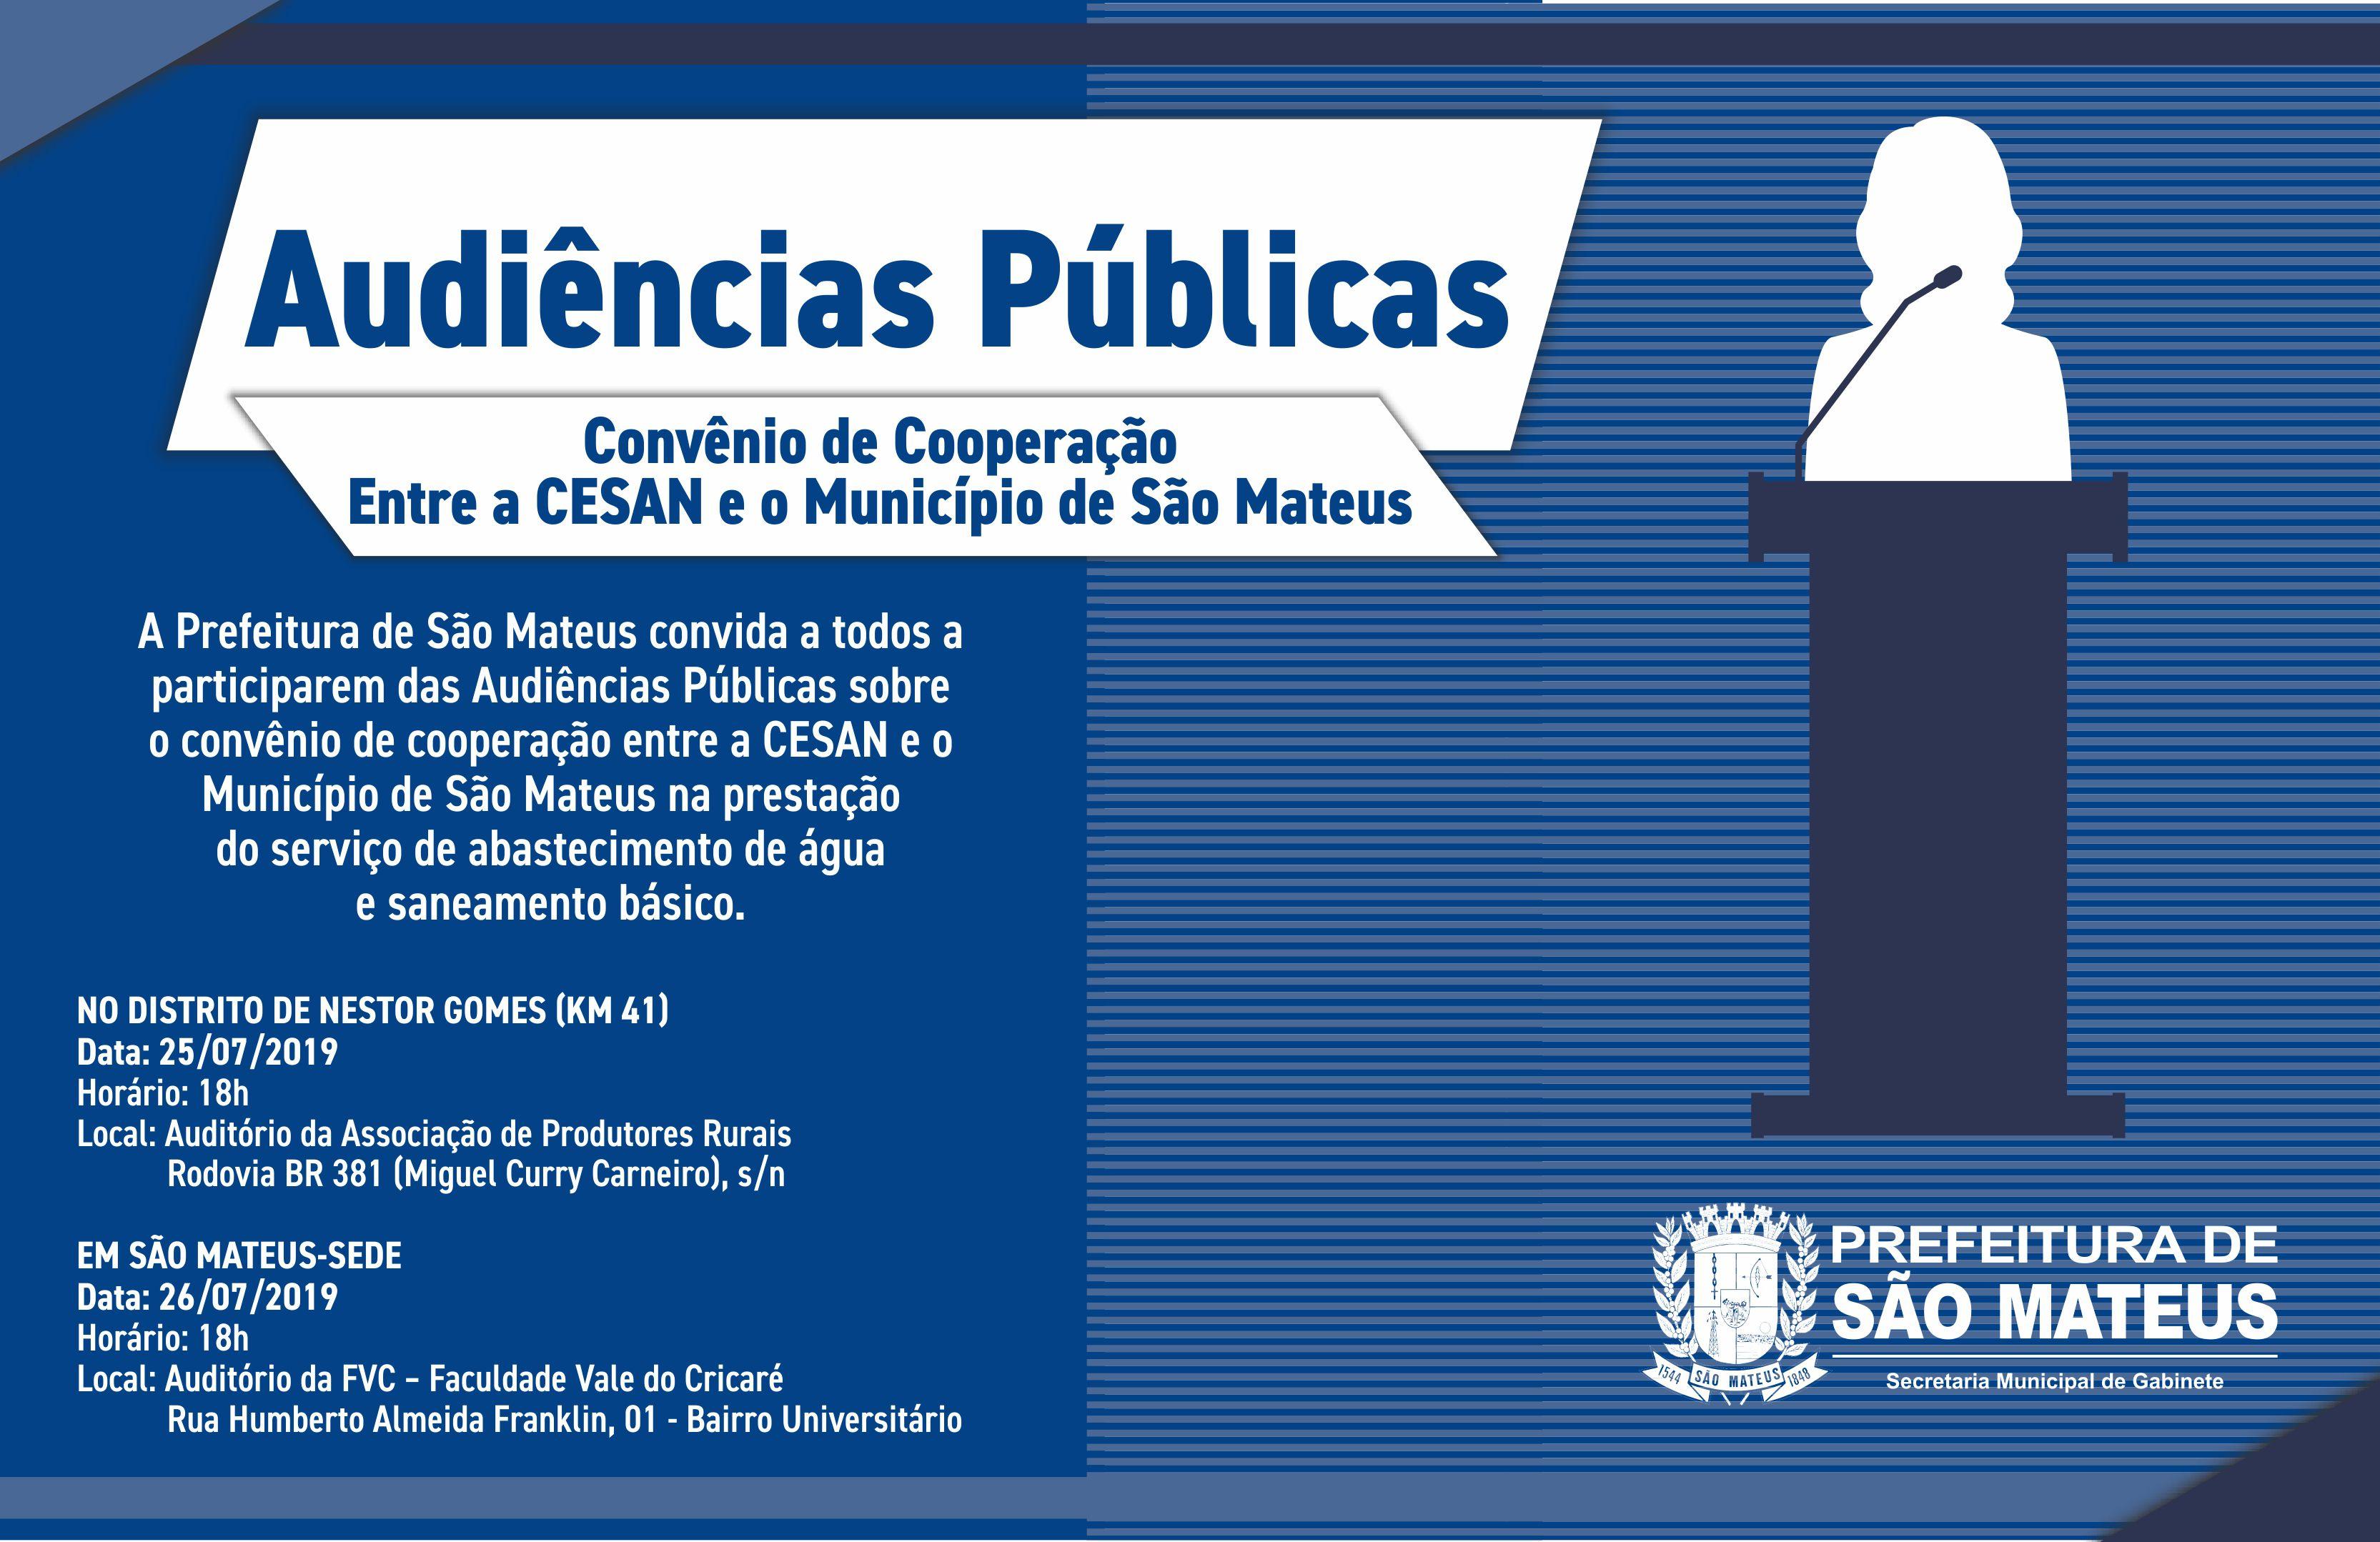 AUDIÊNCIAS PÚBLICAS SOBRE CONVÊNIO DE COOPERAÇÃO ENTRE CESAN E MUNICÍPIO